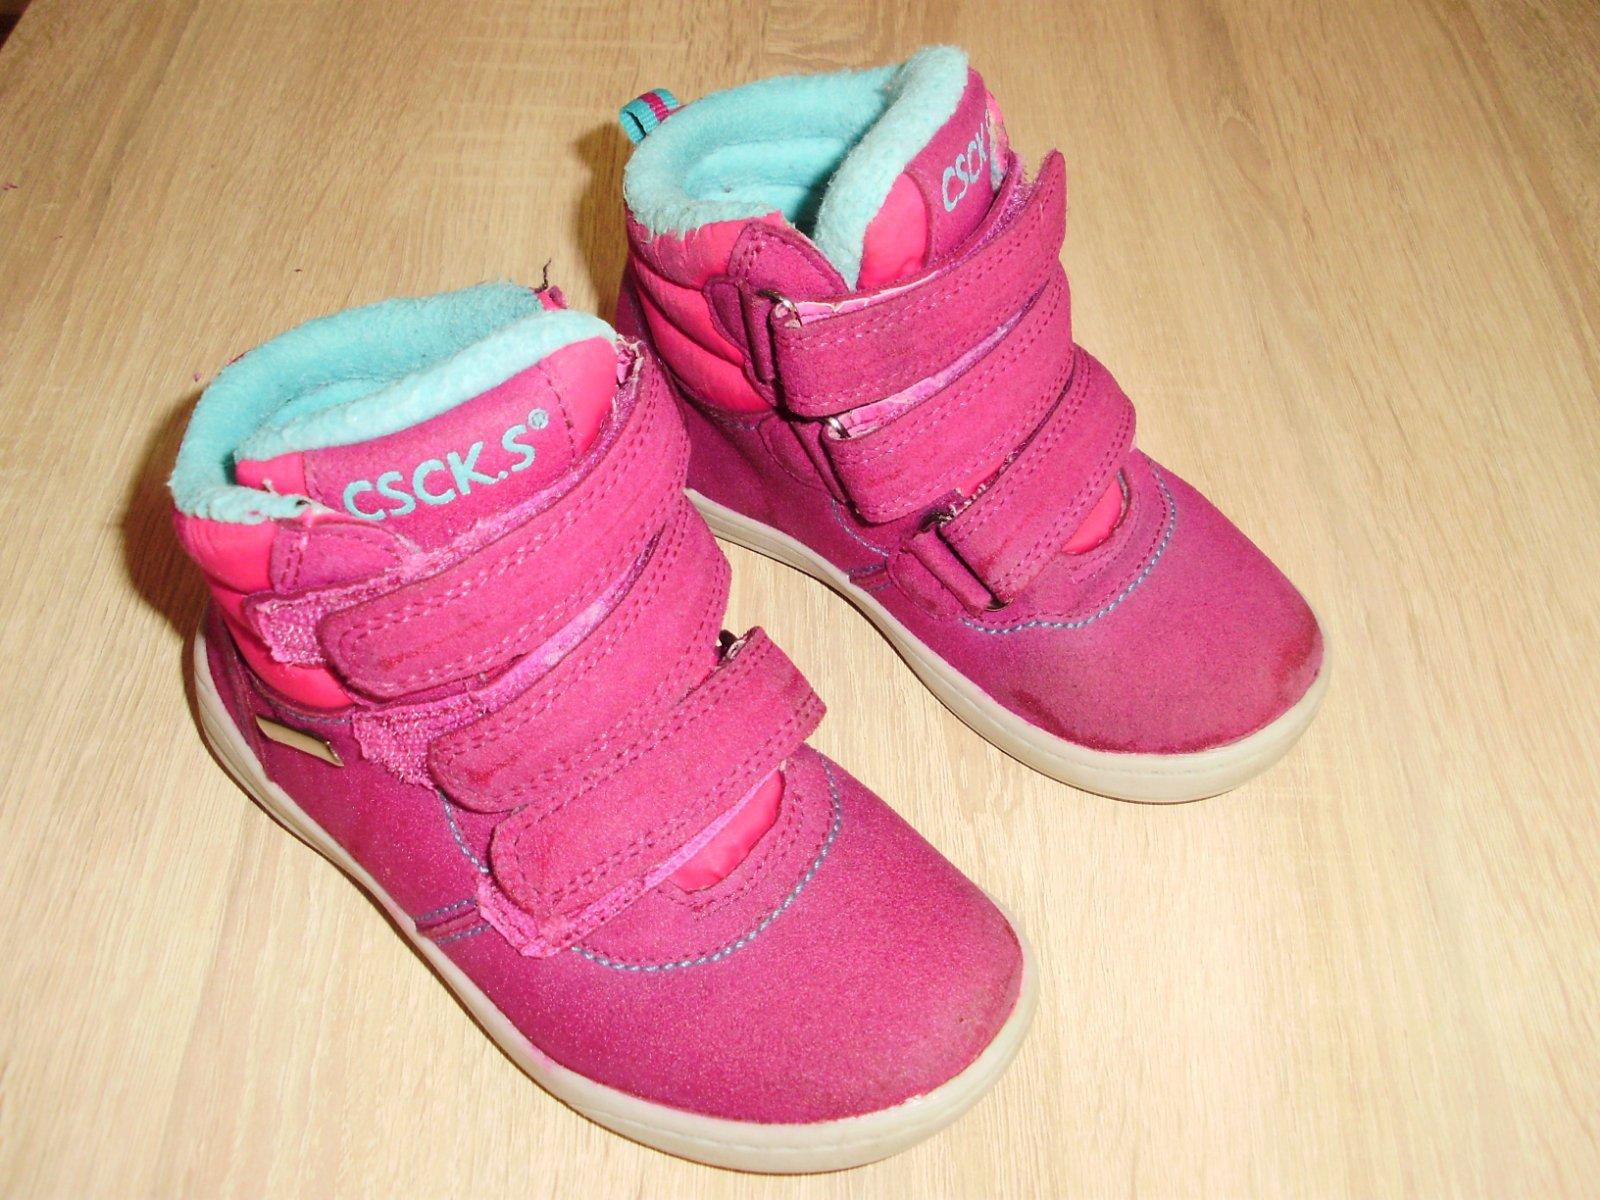 1a9ec41196d29 Zateplené členkové topánky na suchý zips,26,dievča, 26 - 12 € od  predávajúcej jana78v | Detský bazár | ModryKonik.sk